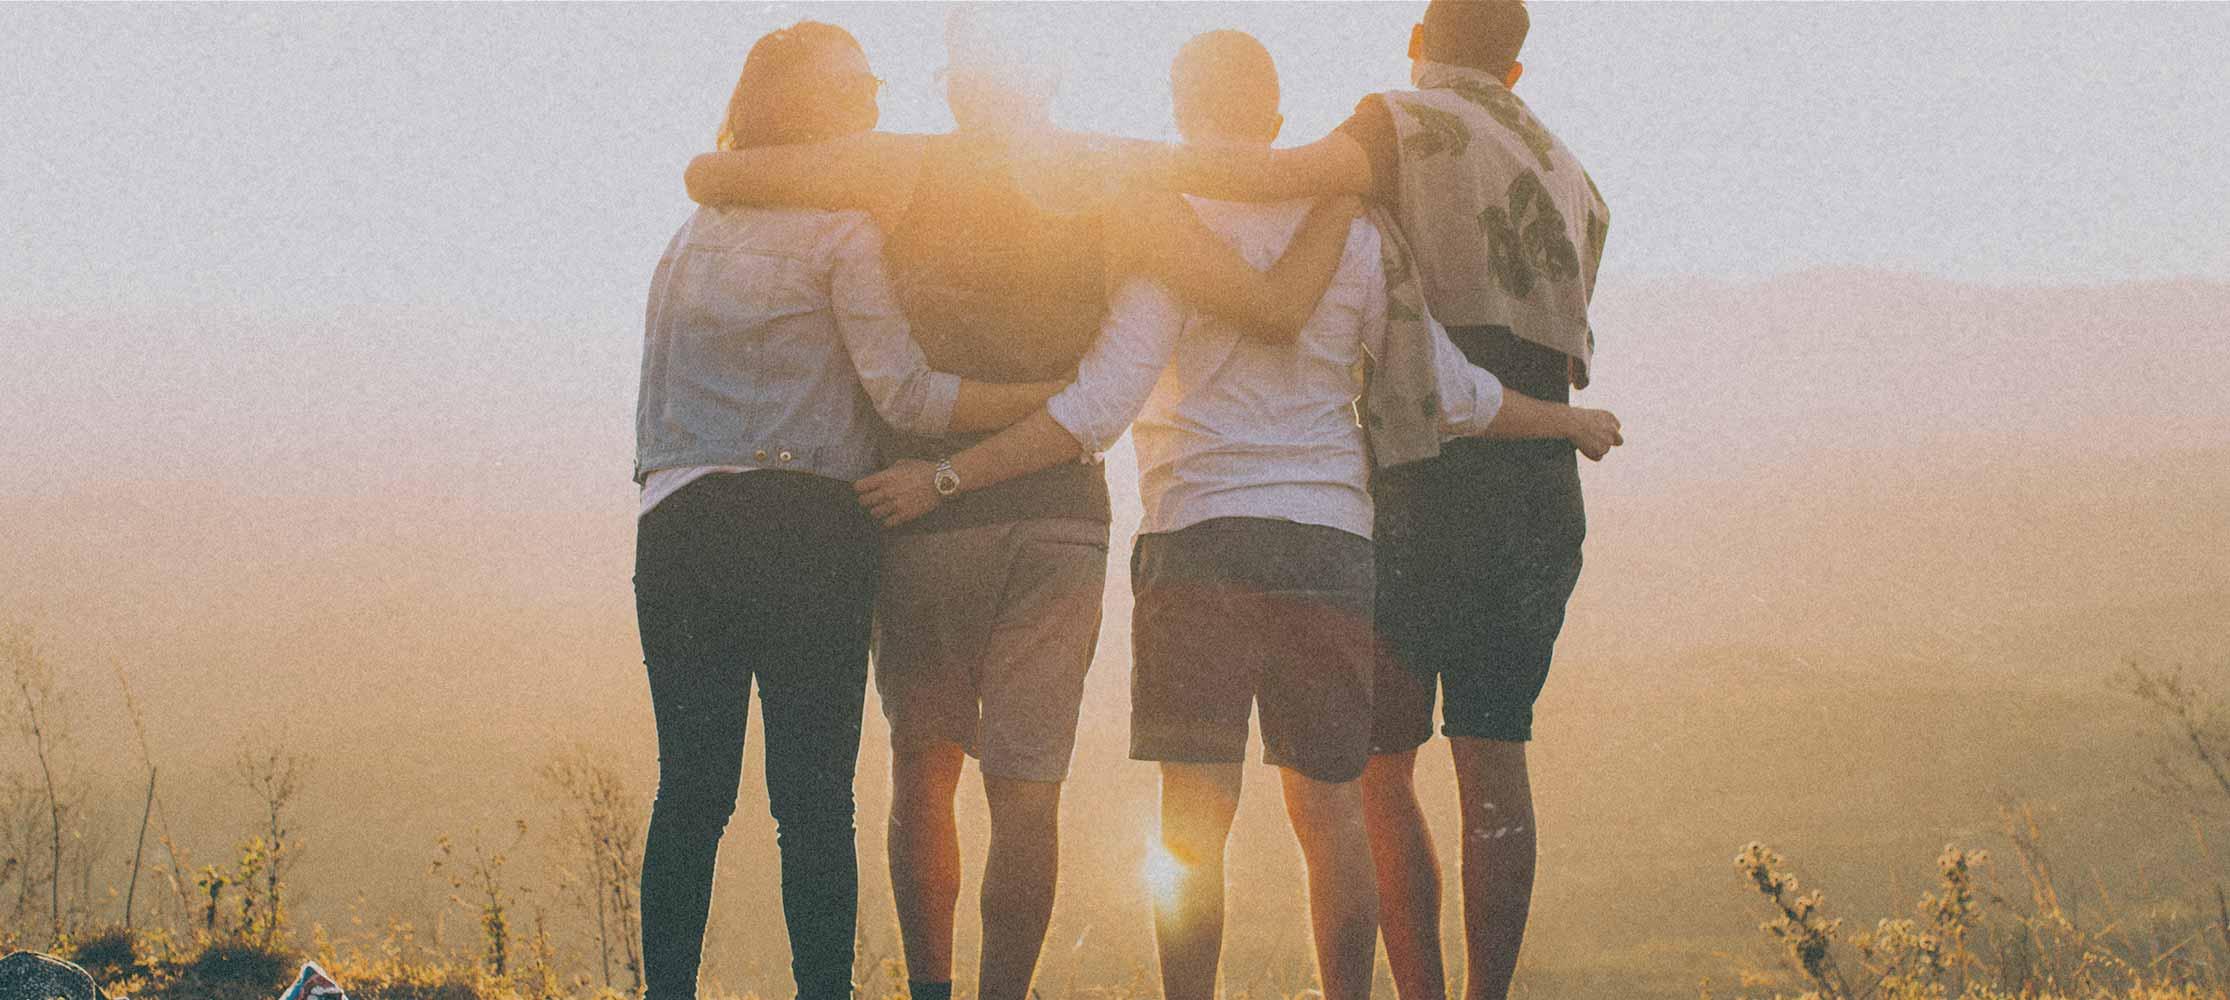 Freund stehen zusammen Treffpunkt Gebet